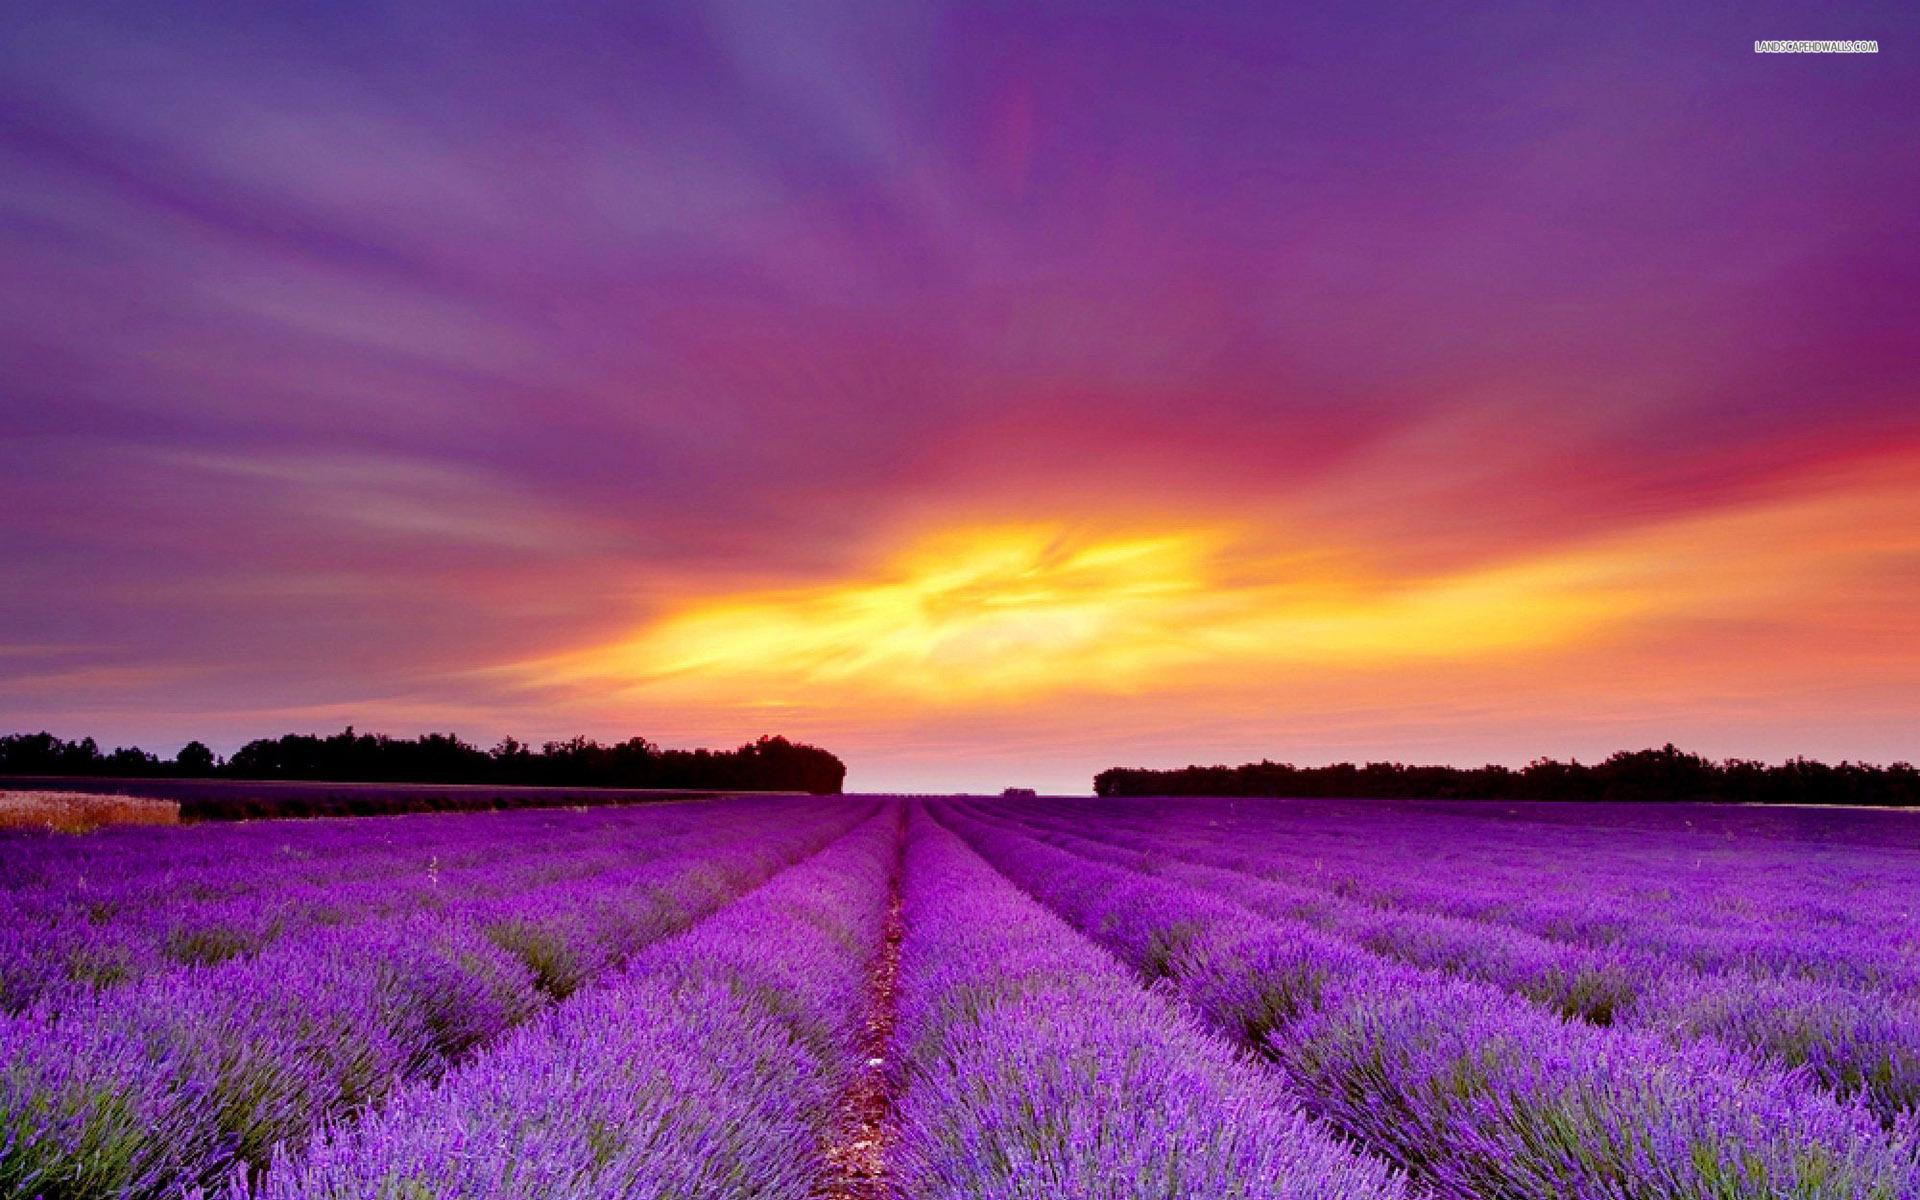 Lavender Field Purple Sunset wallpapers Lavender Field Purple 1920x1200